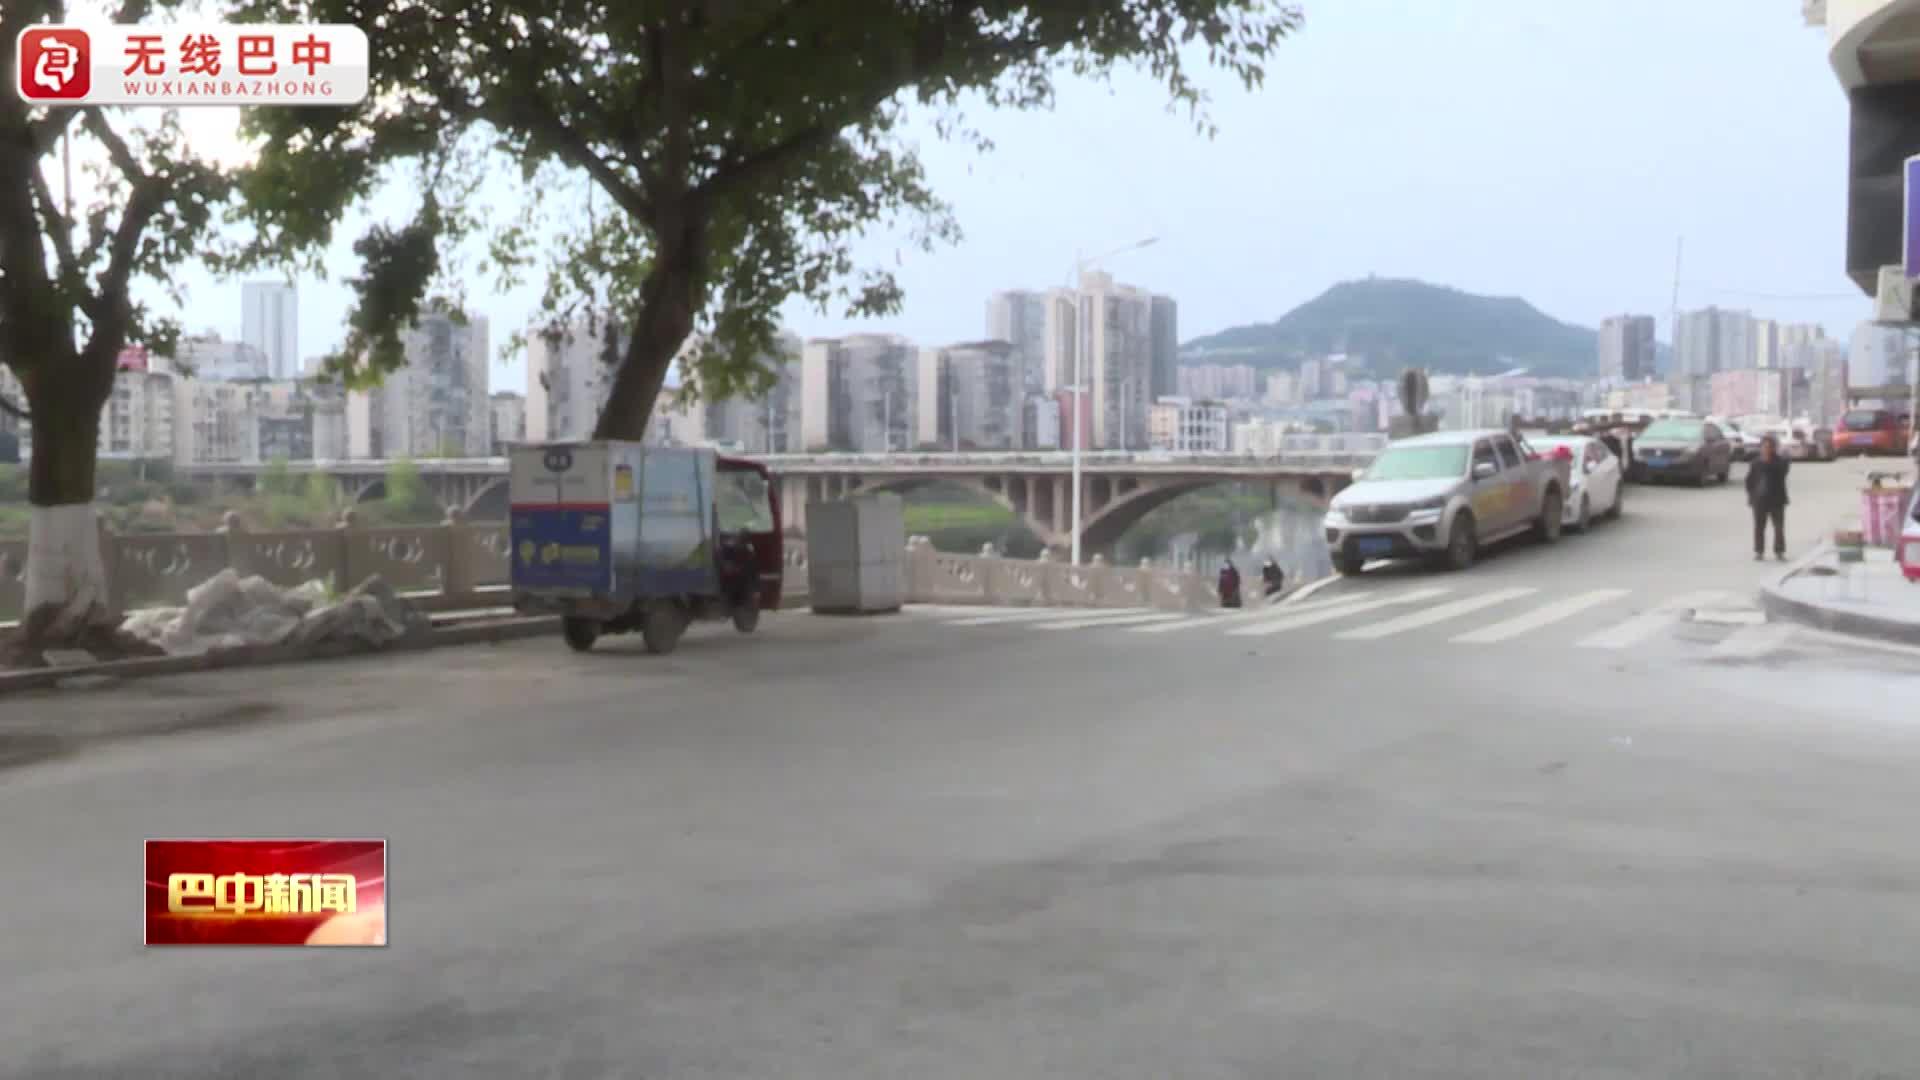 巴河大桥(一号桥)至中坝段滨河北路试通车